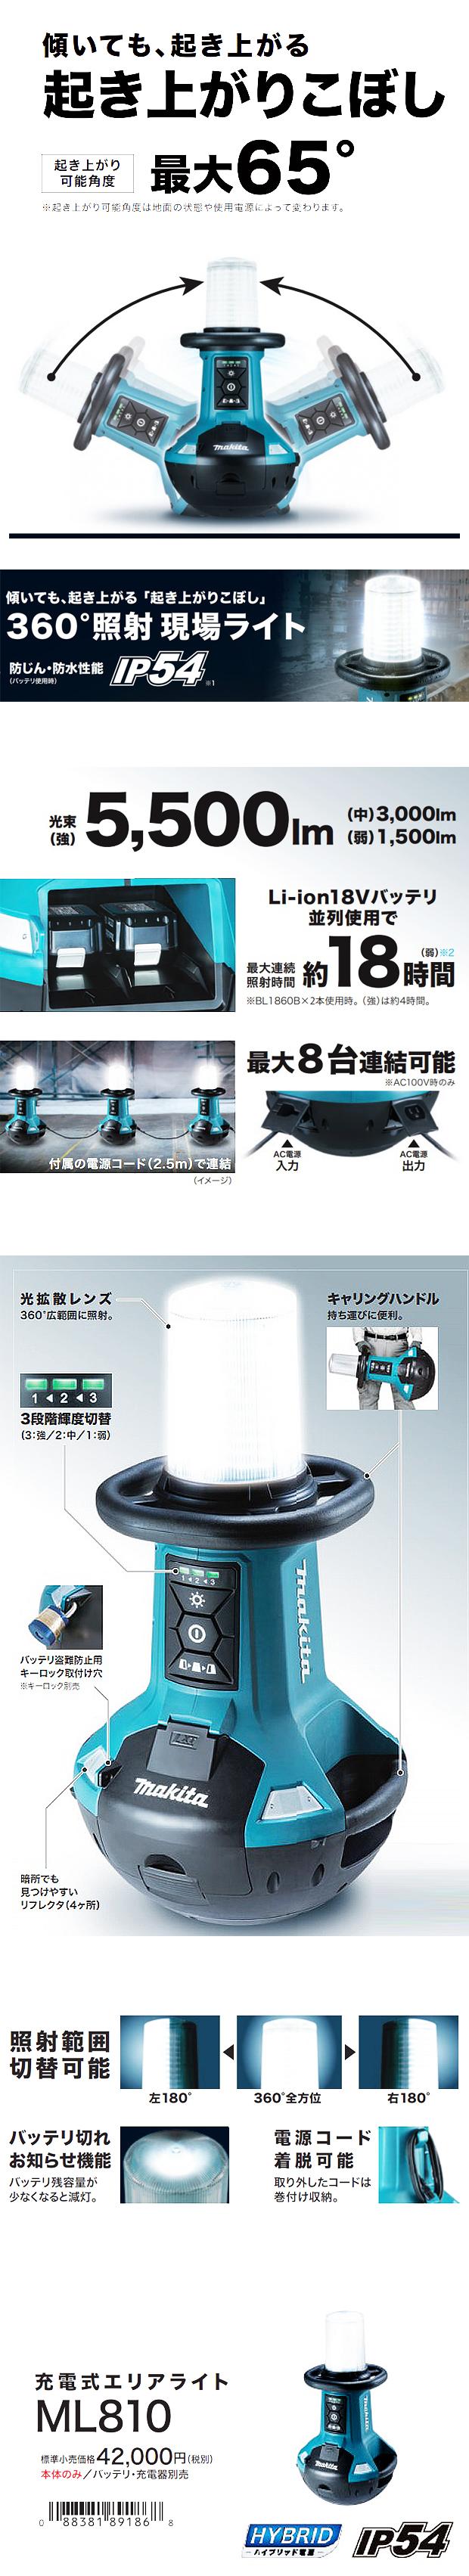 マキタ 充電式エリアライト ML810